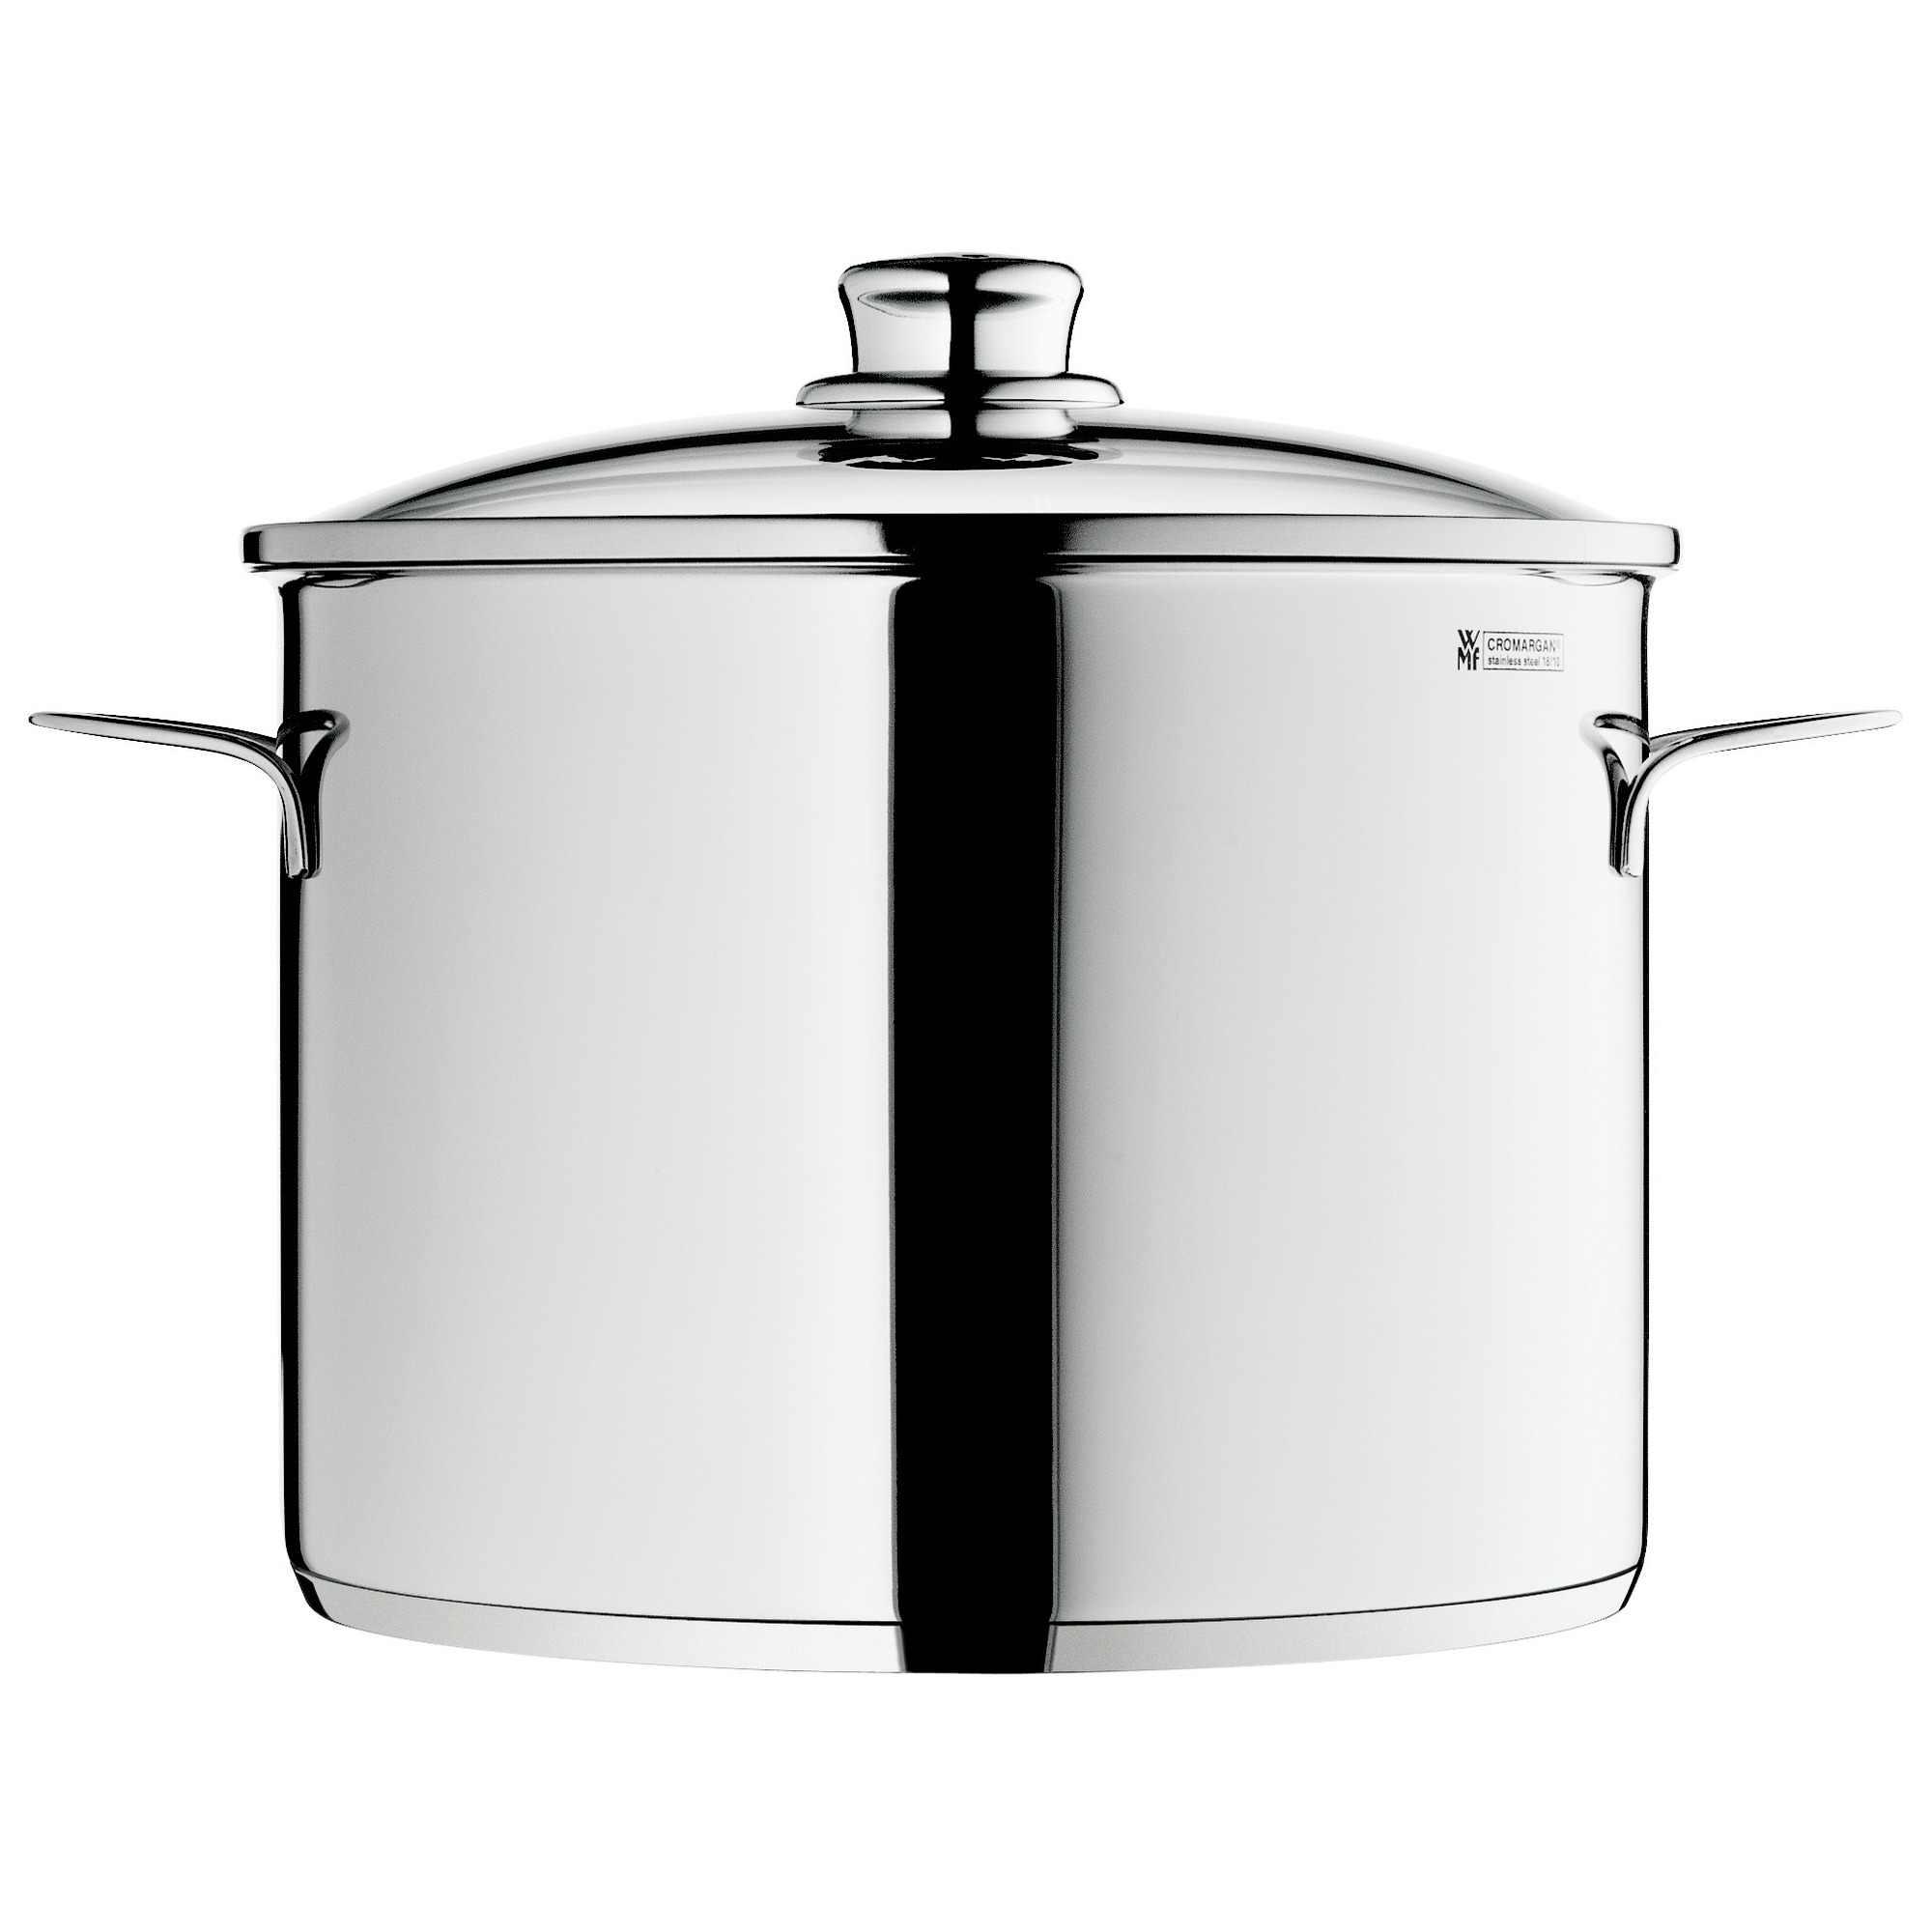 wmf suppentopf gem setopf 7 5 liter 24cm ebay. Black Bedroom Furniture Sets. Home Design Ideas